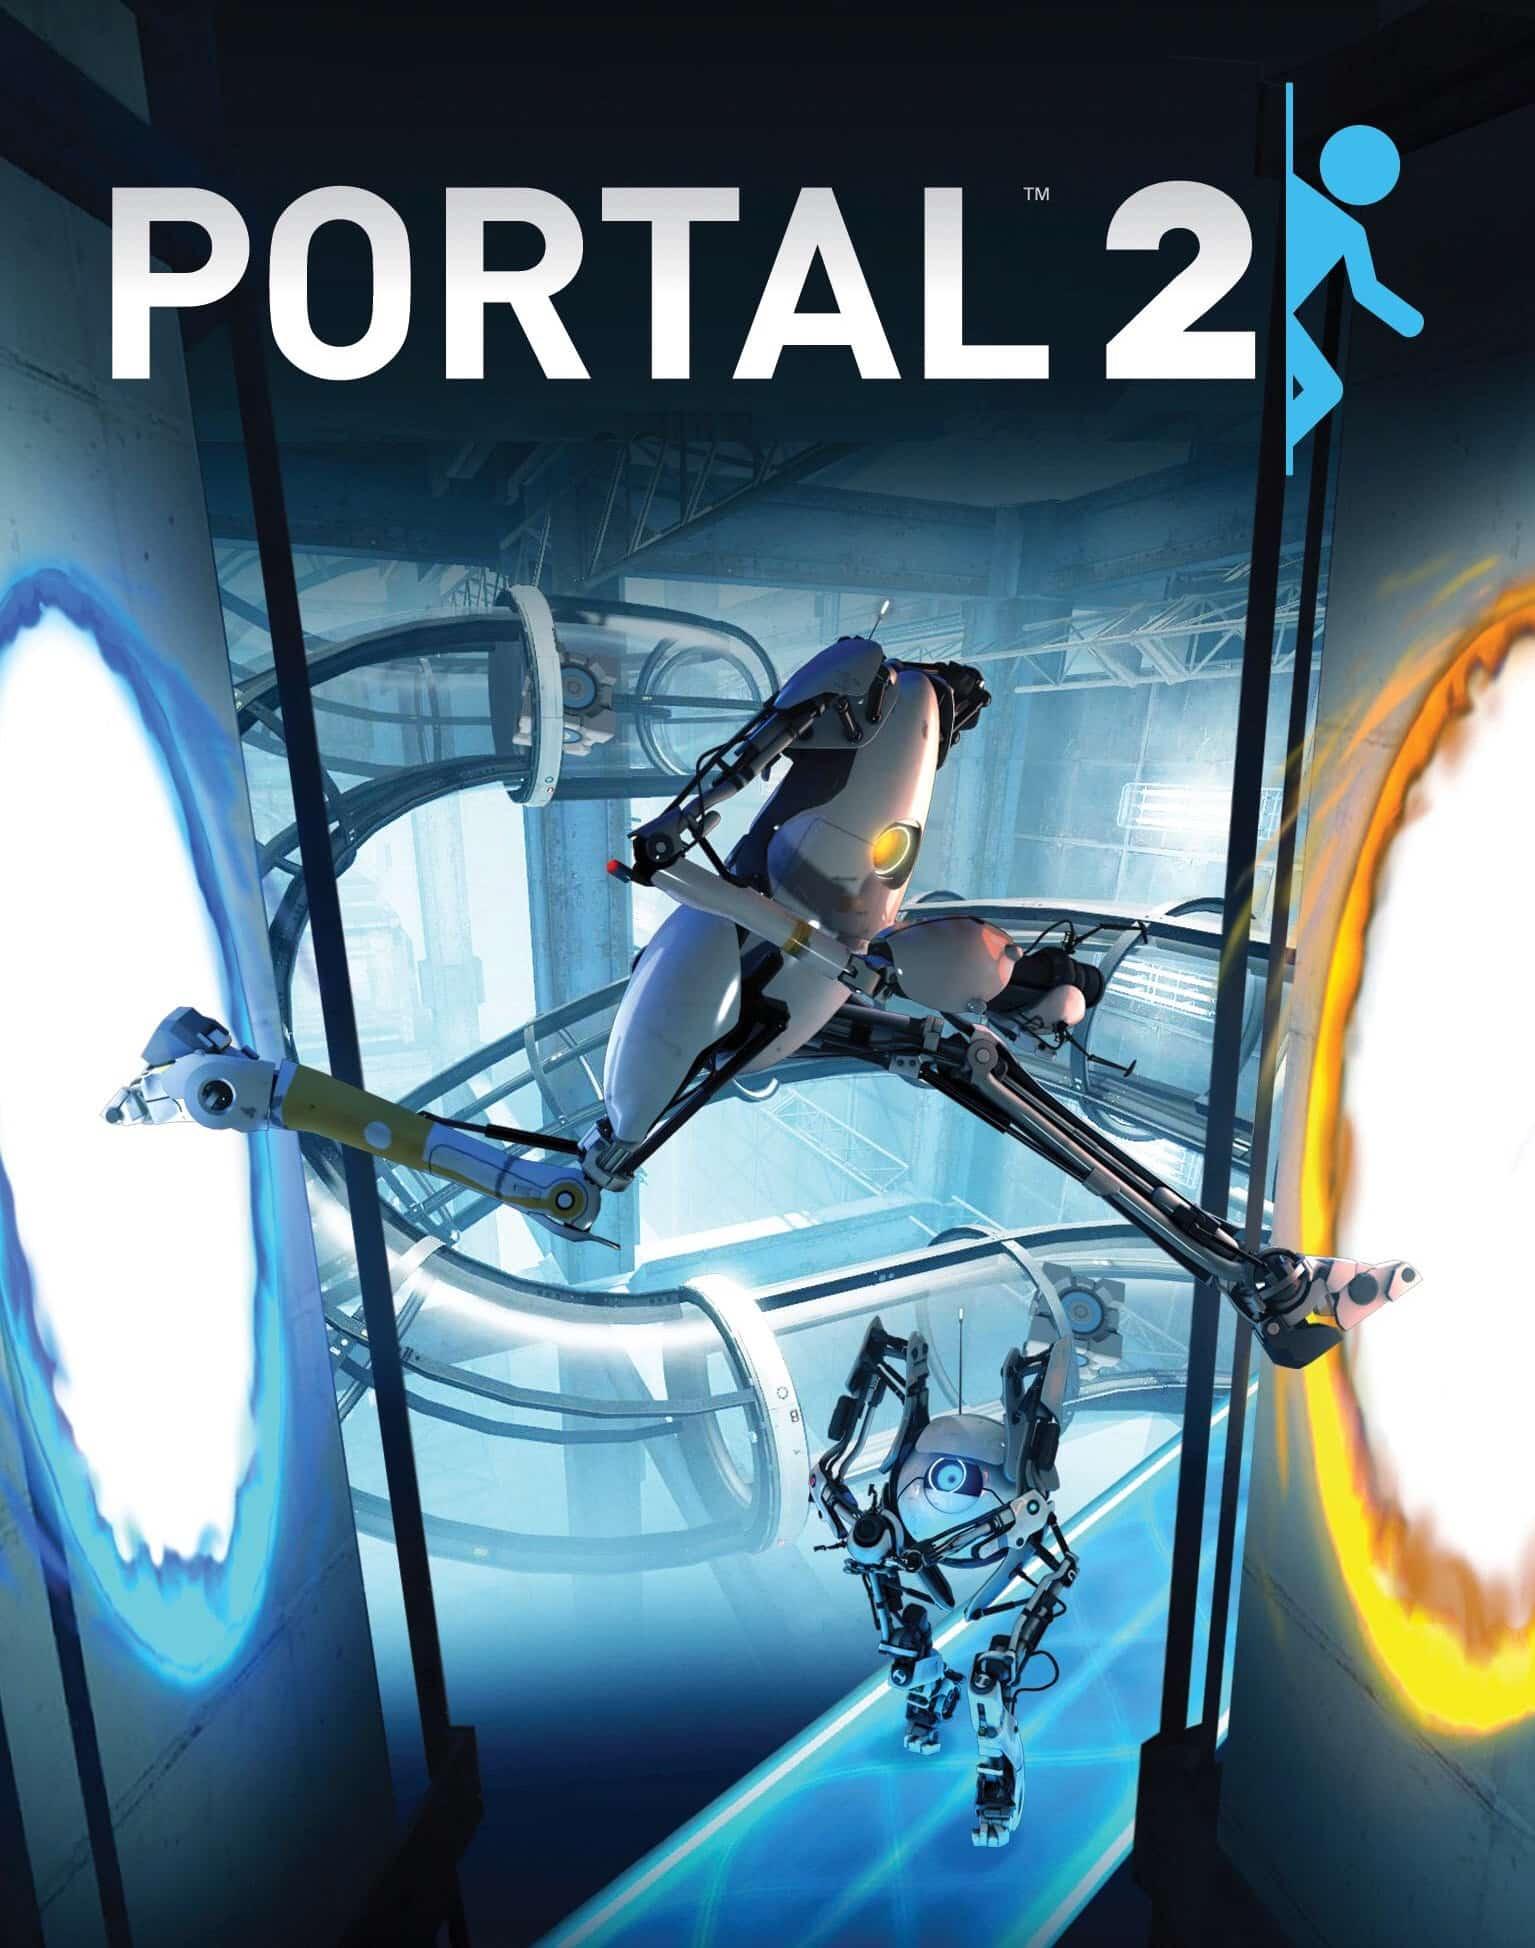 Portal 2 PC Free Download